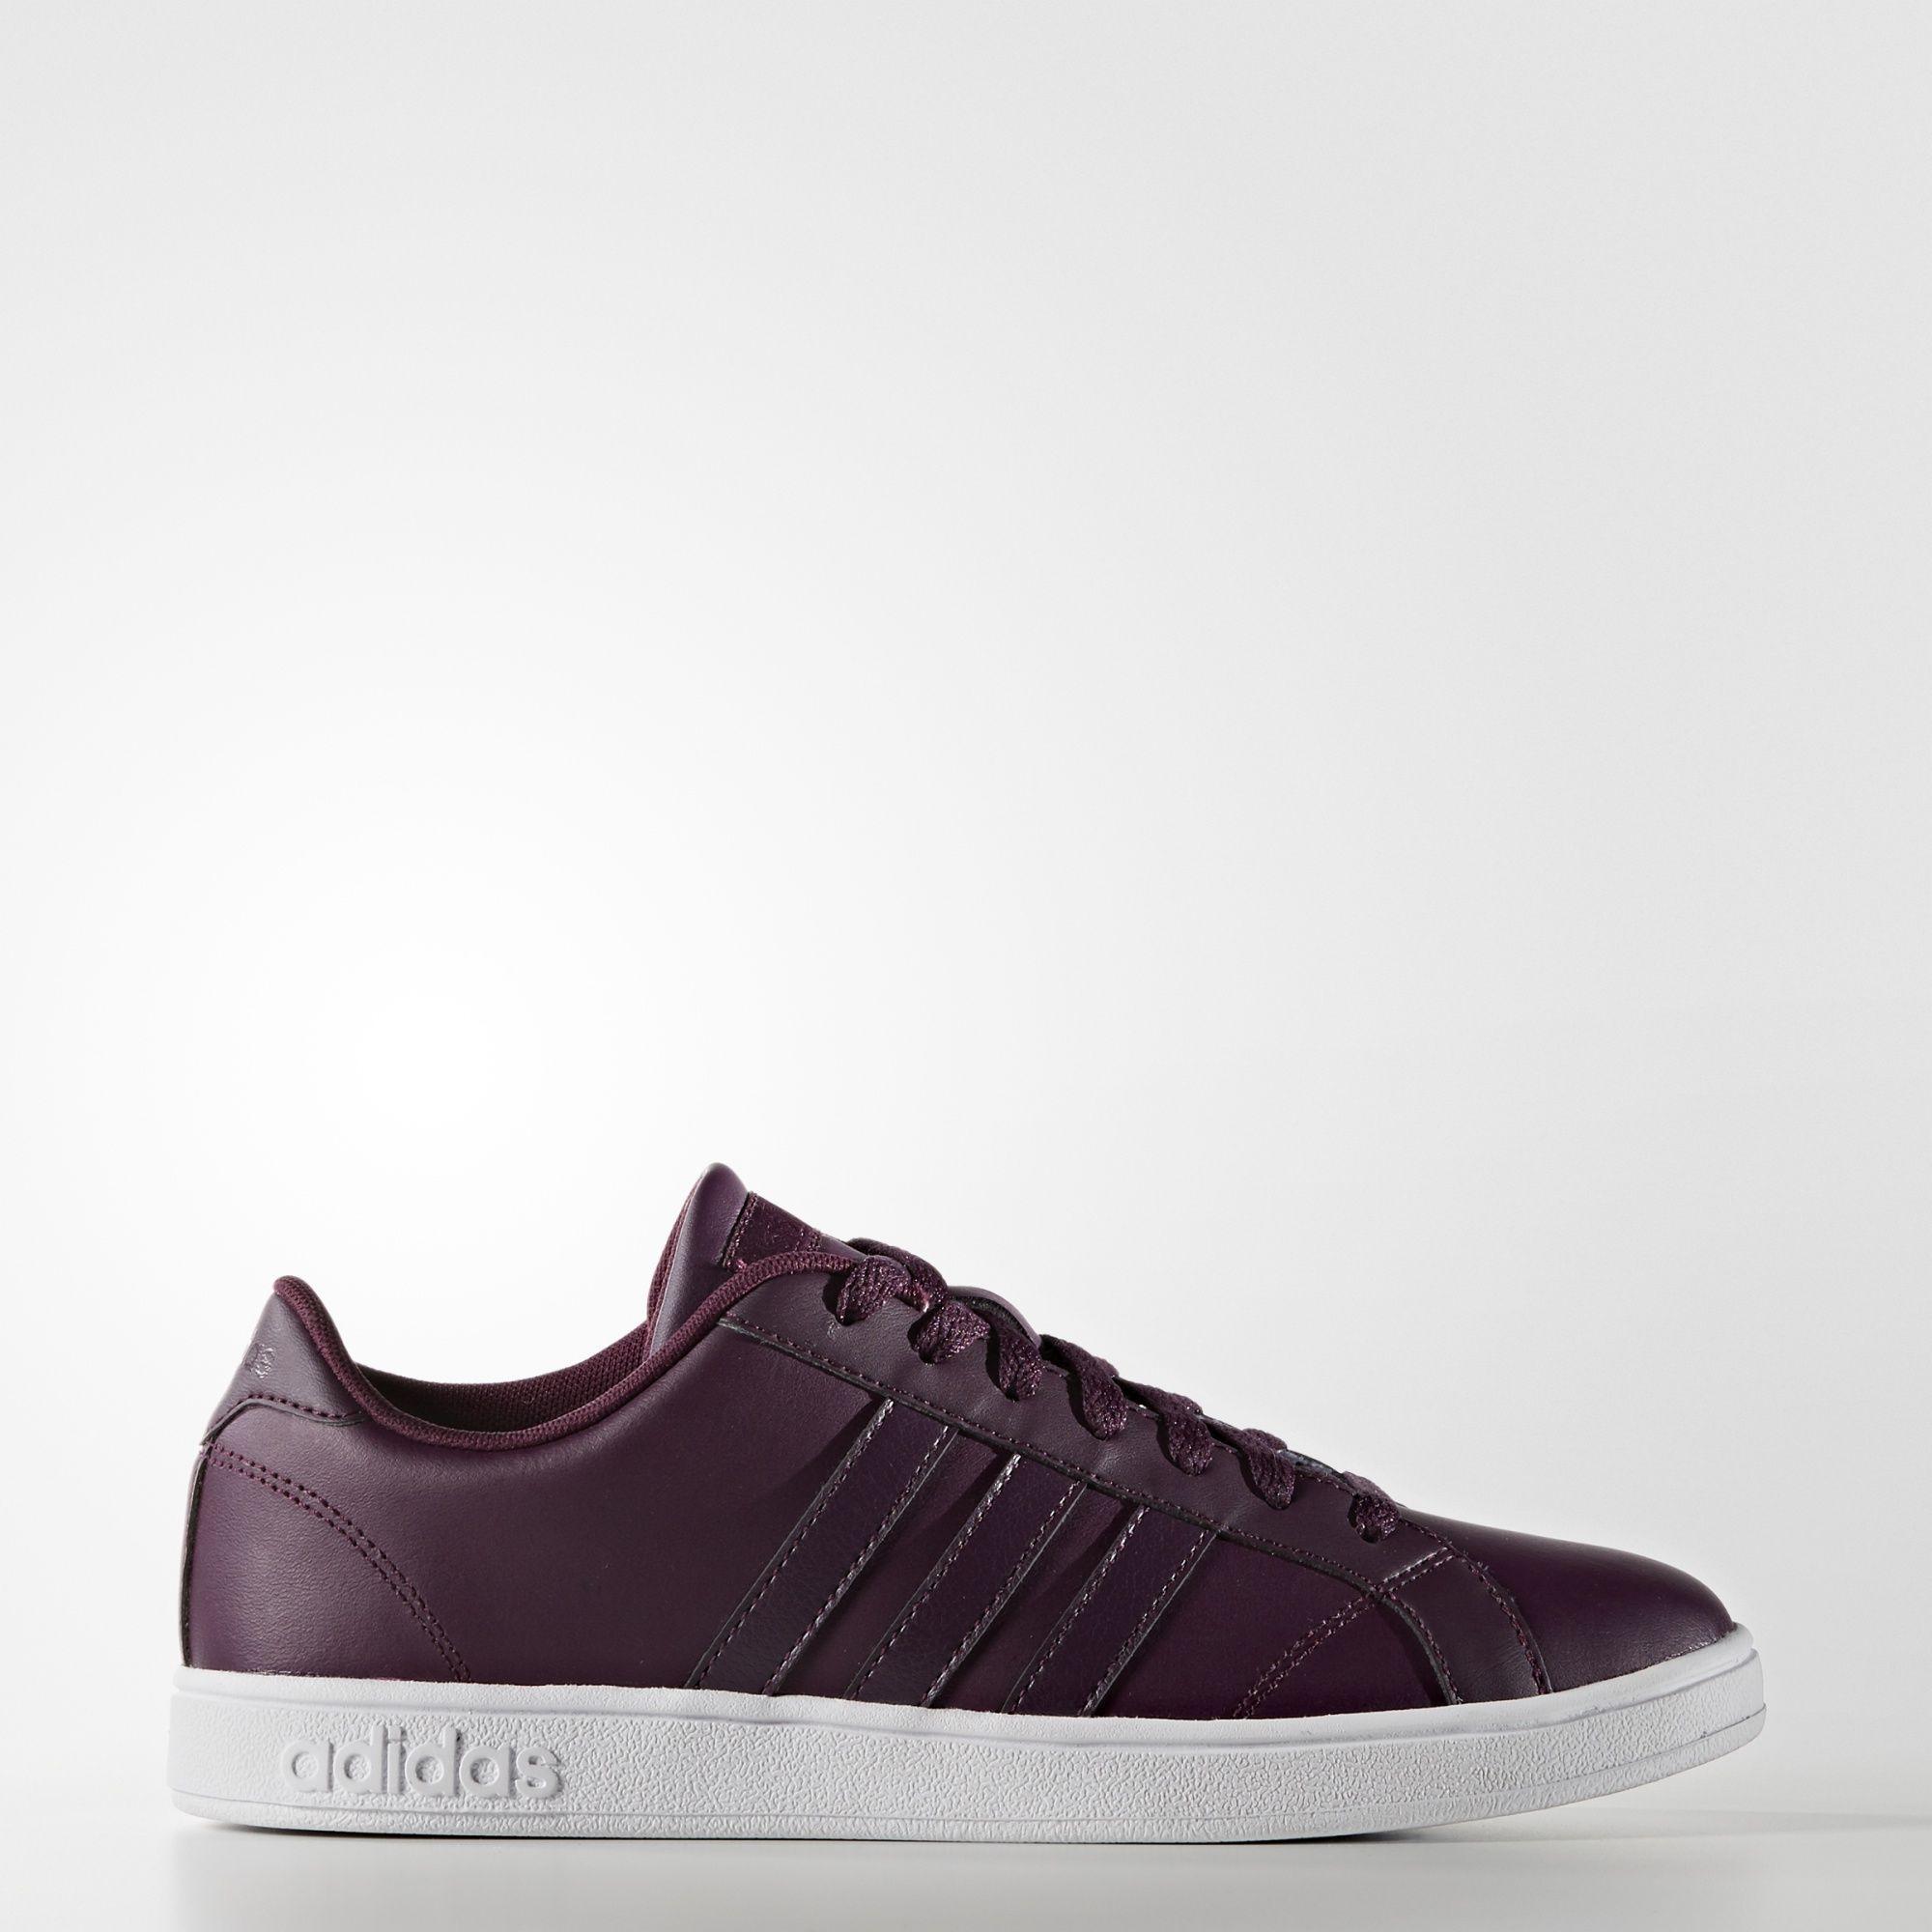 4e687513d54539 adidas - Baseline Shoes